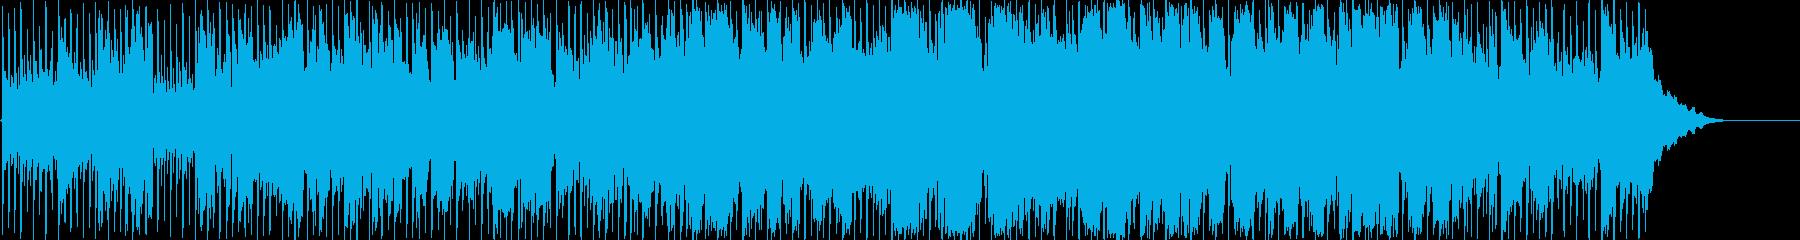 暖かいゆっくりな男性ボーカルのポップな曲の再生済みの波形